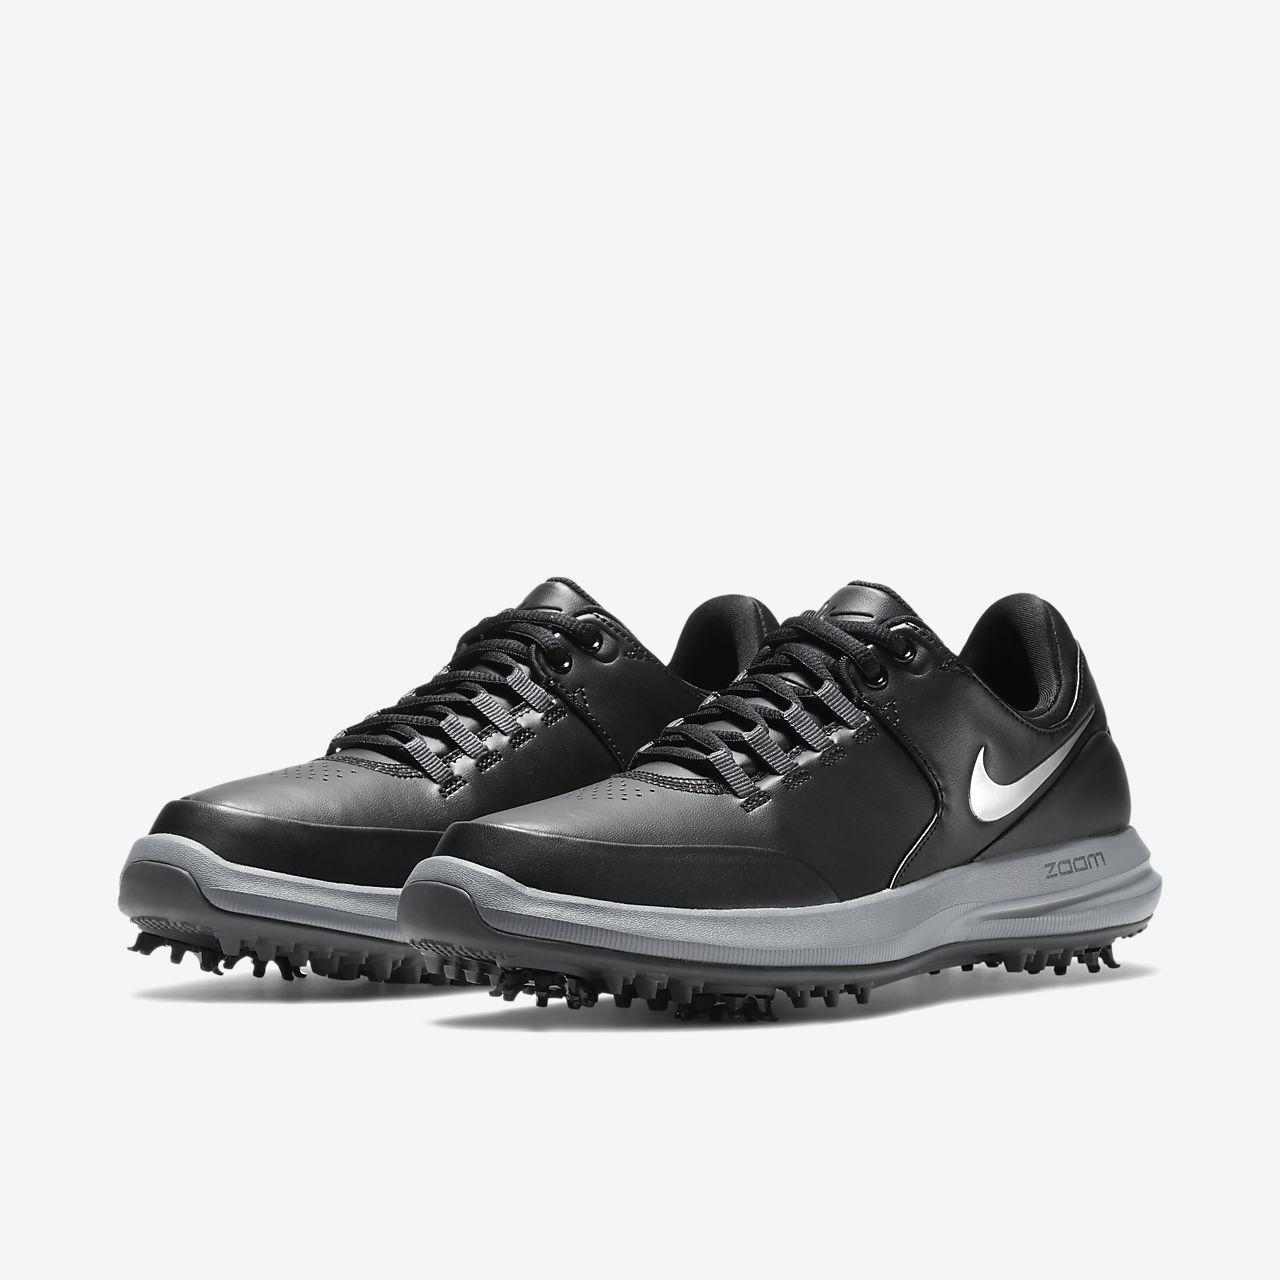 Nike Mujer Golf Zapatos Golf Nike Golf Lunar Empress 2 Zapatos Golf Nike Mujer 3e34ff